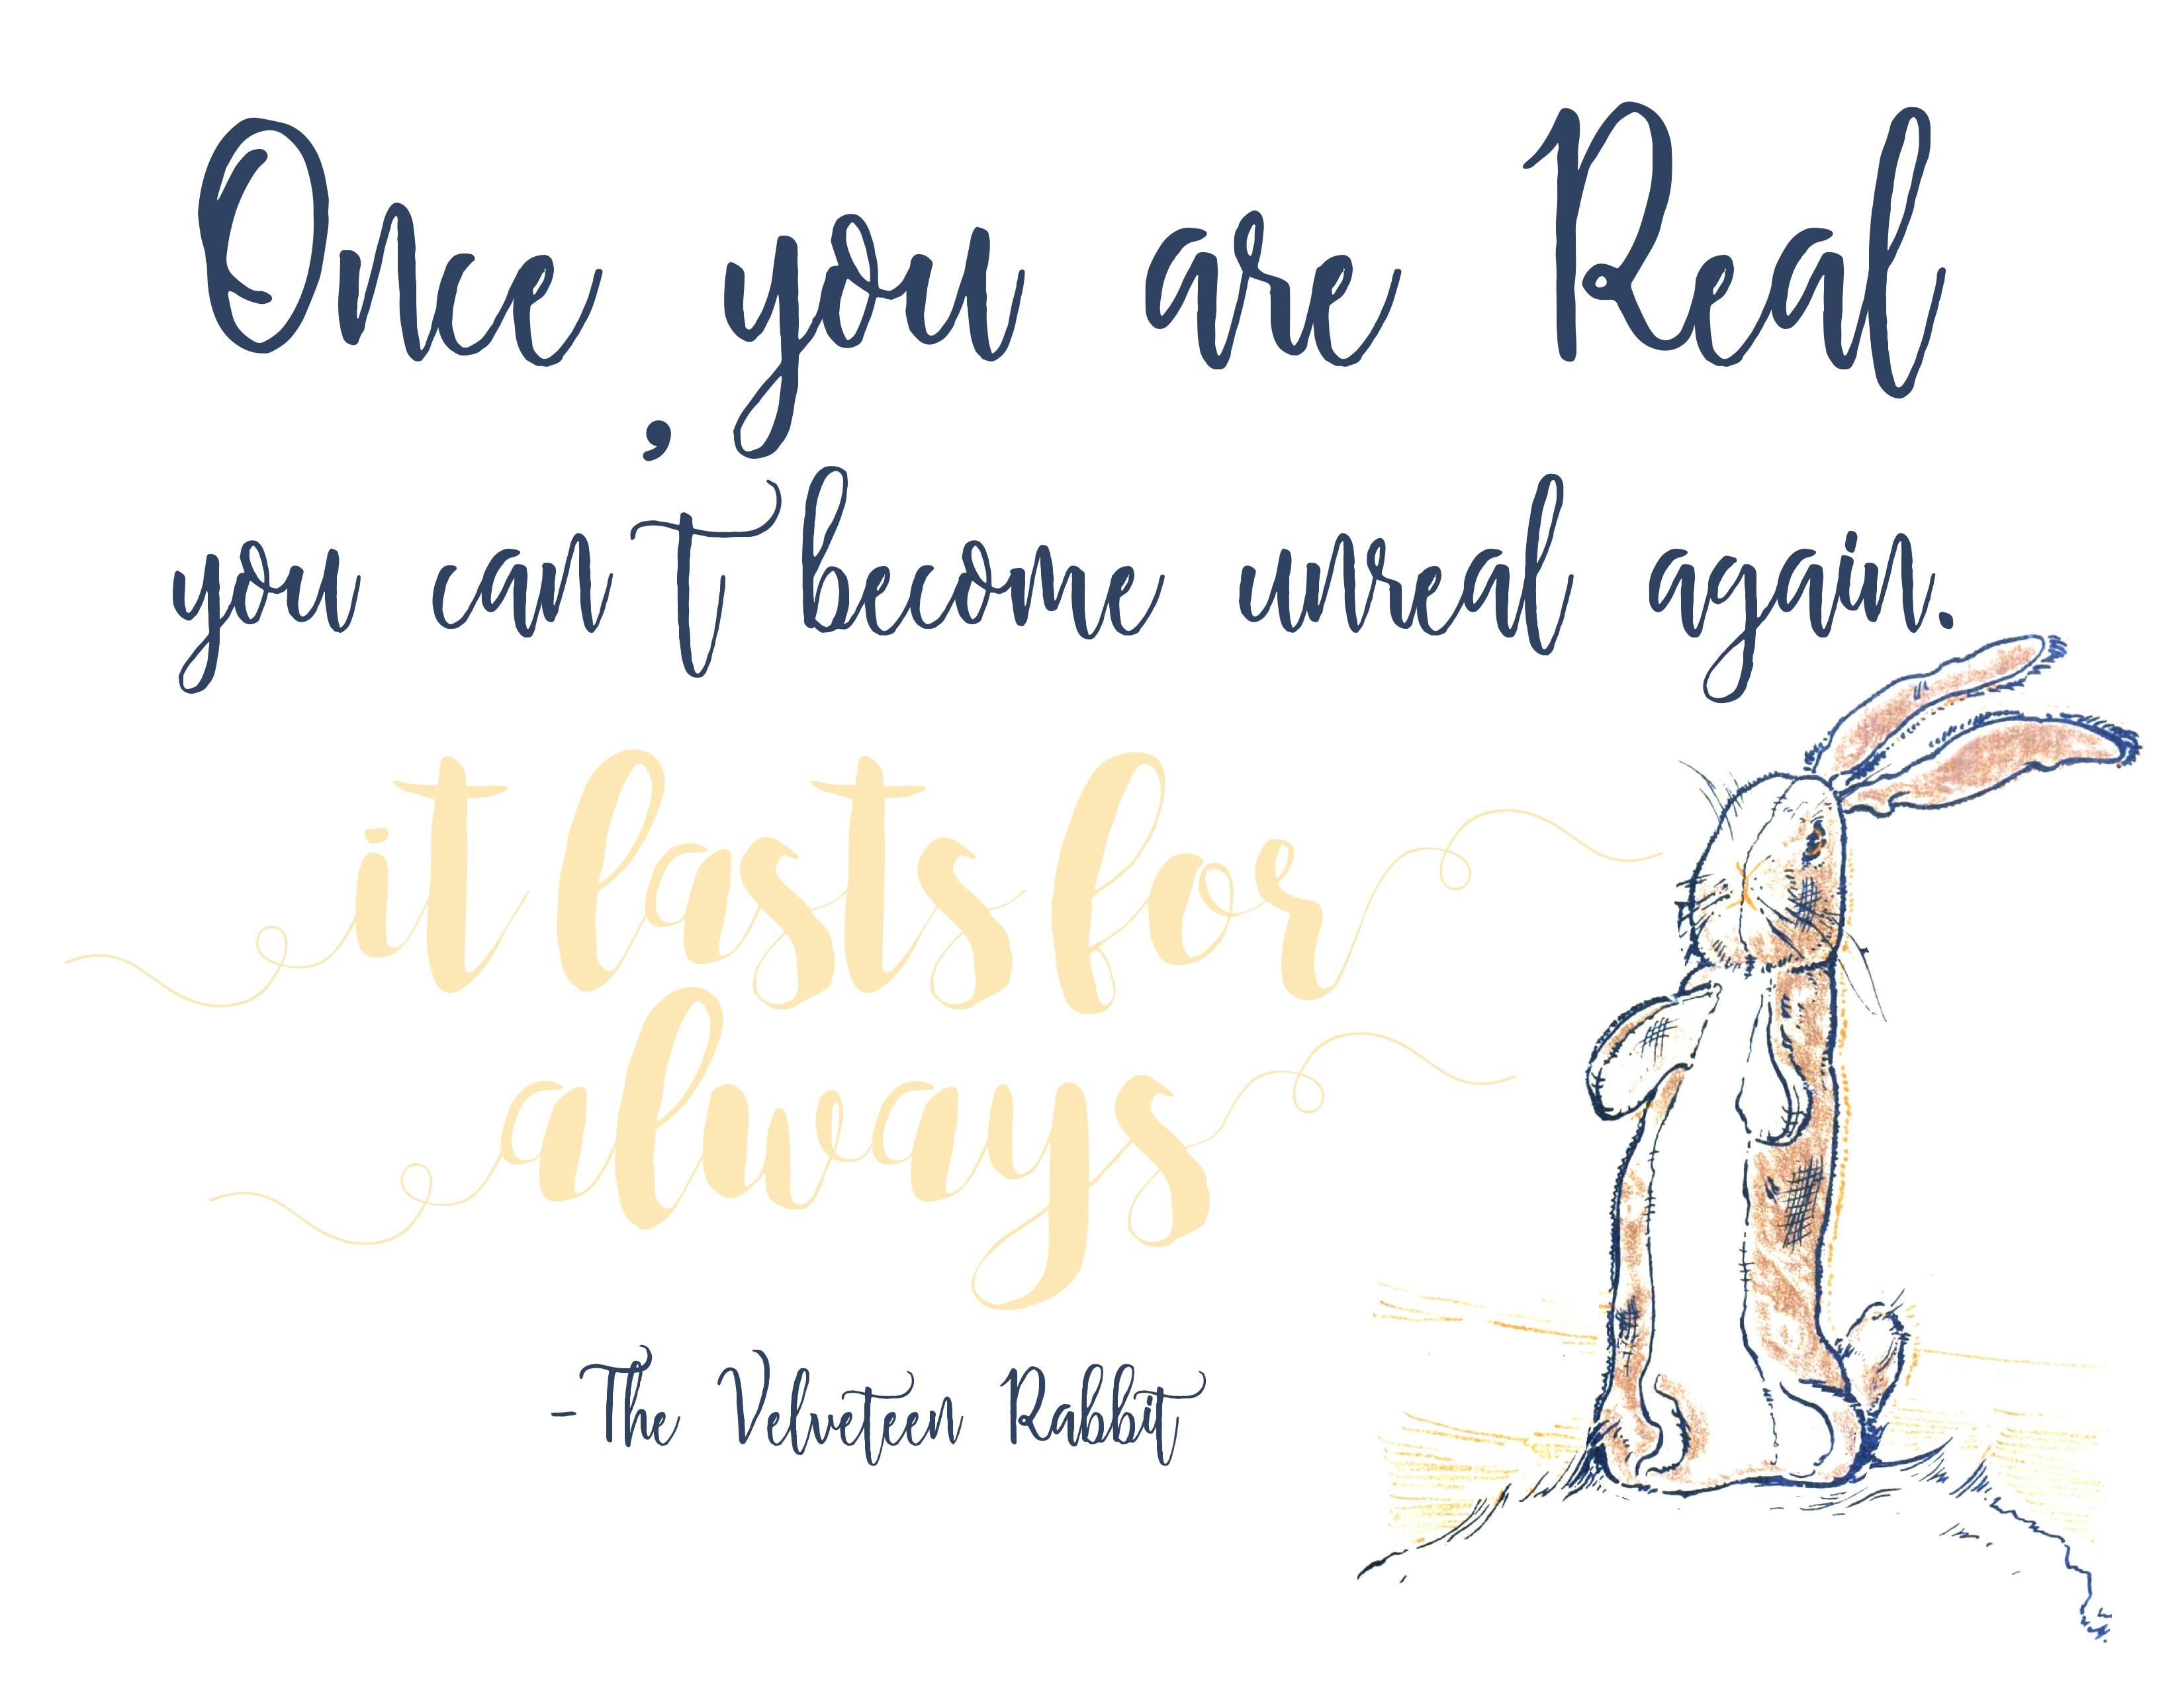 The Velveteen Rabbit Free Printable. It lasts always.